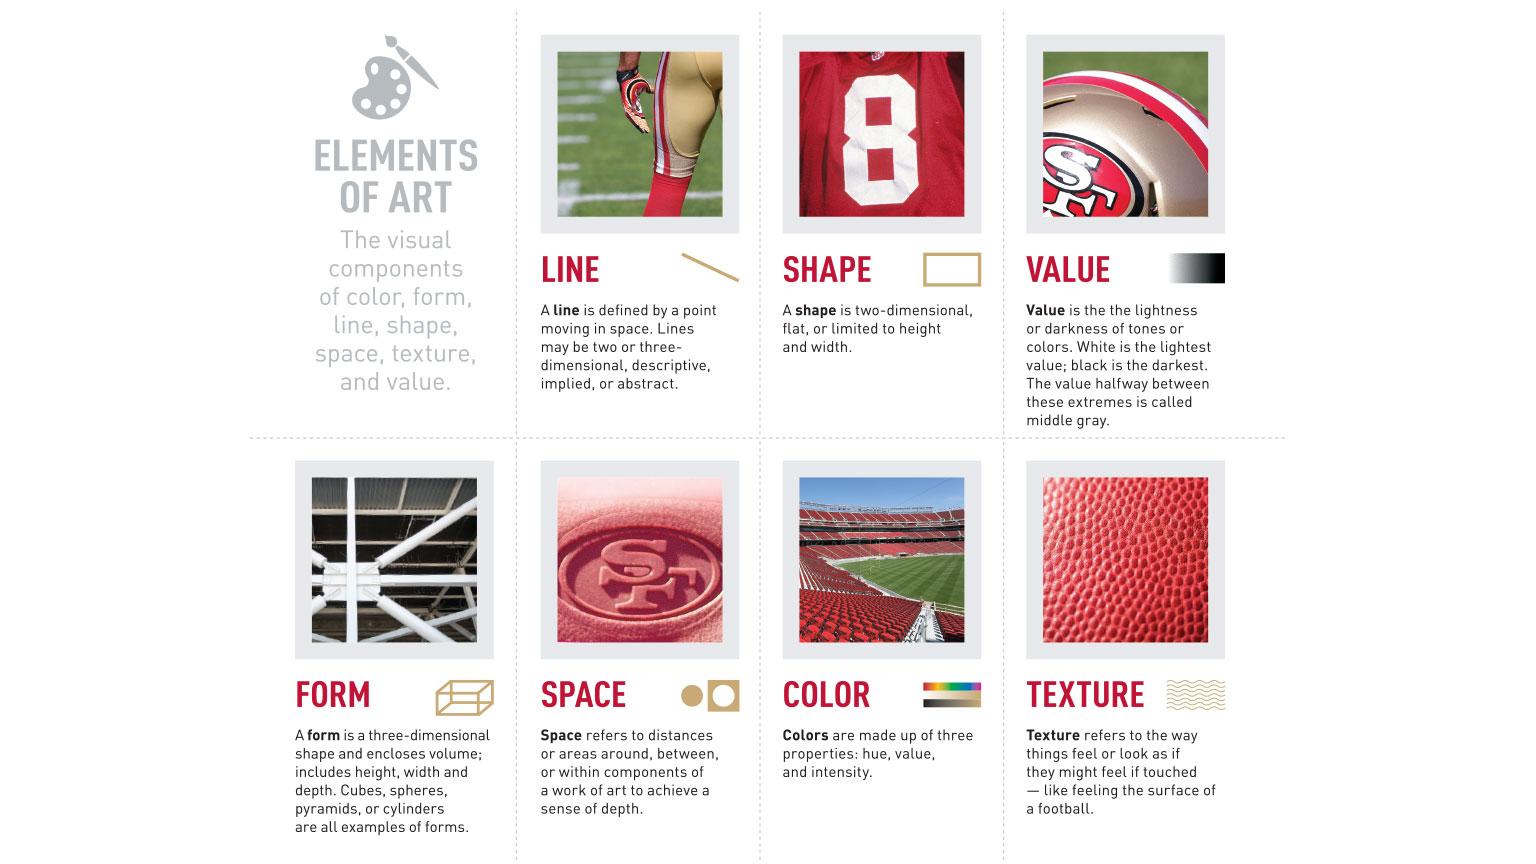 Art in football (article) | Khan Academy